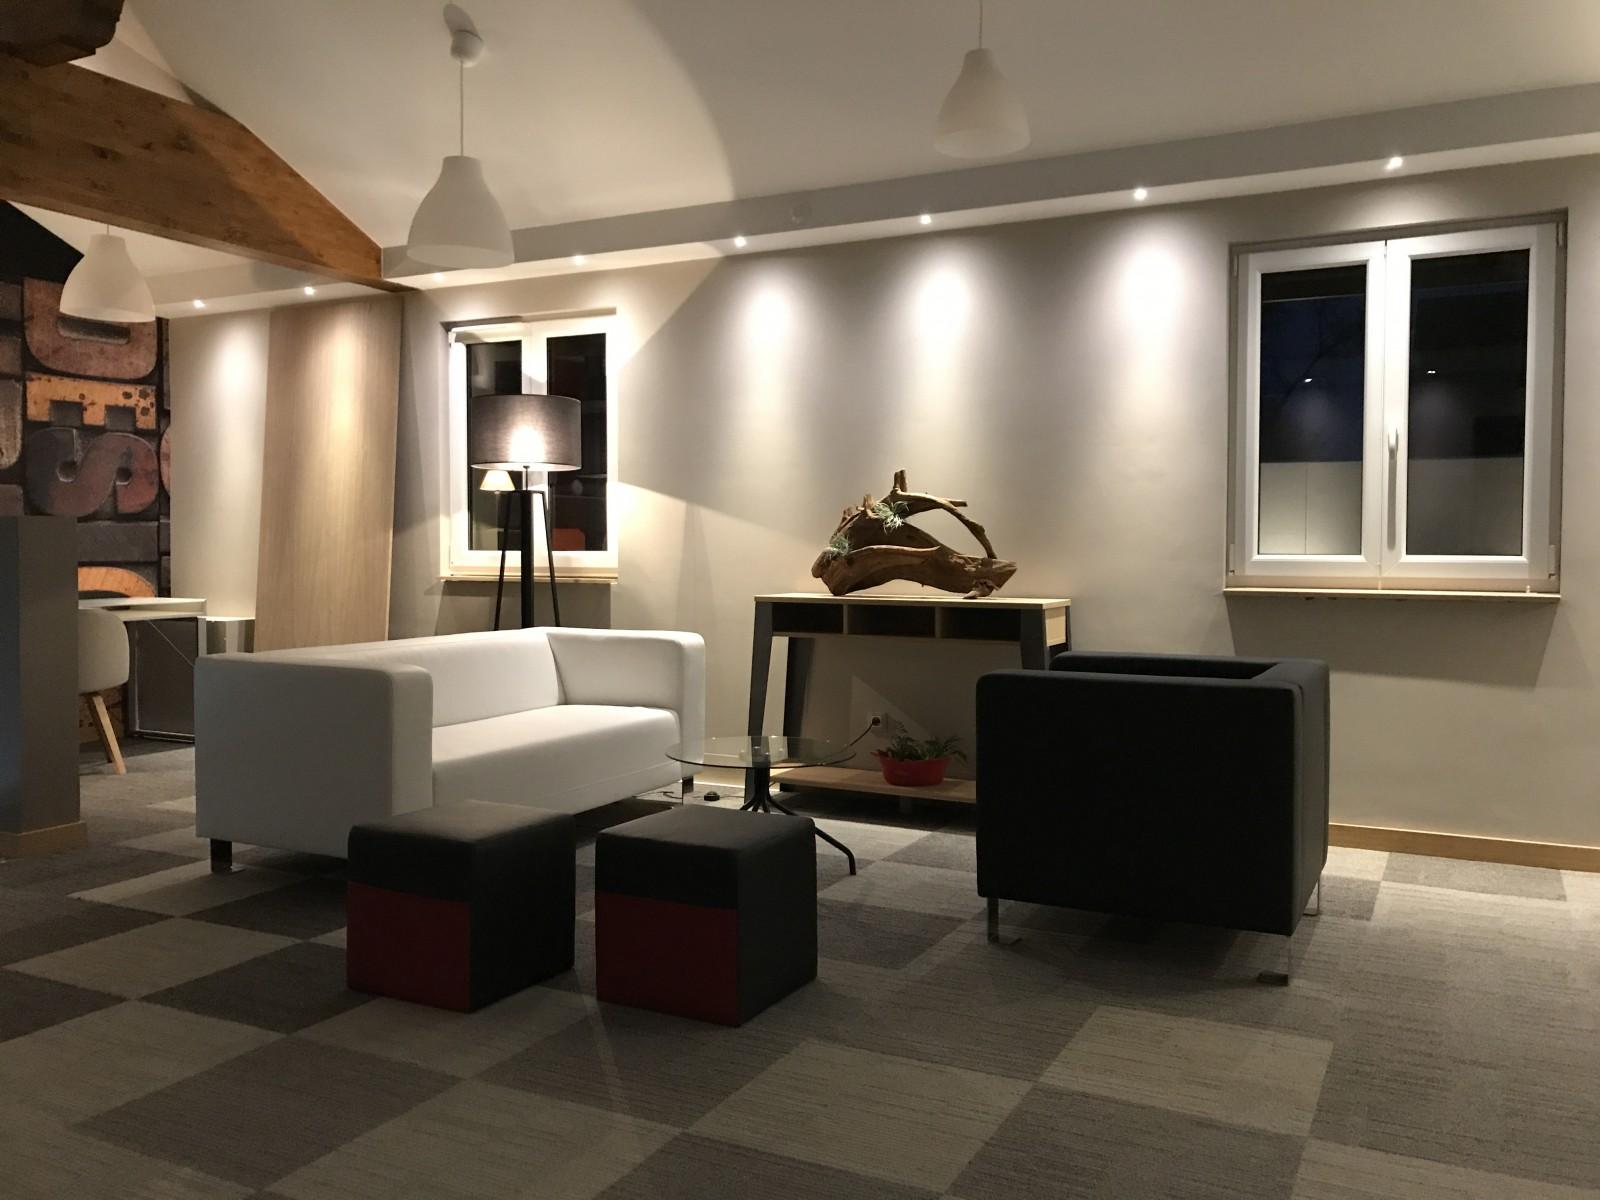 Création et extension d'un hôtel alsace